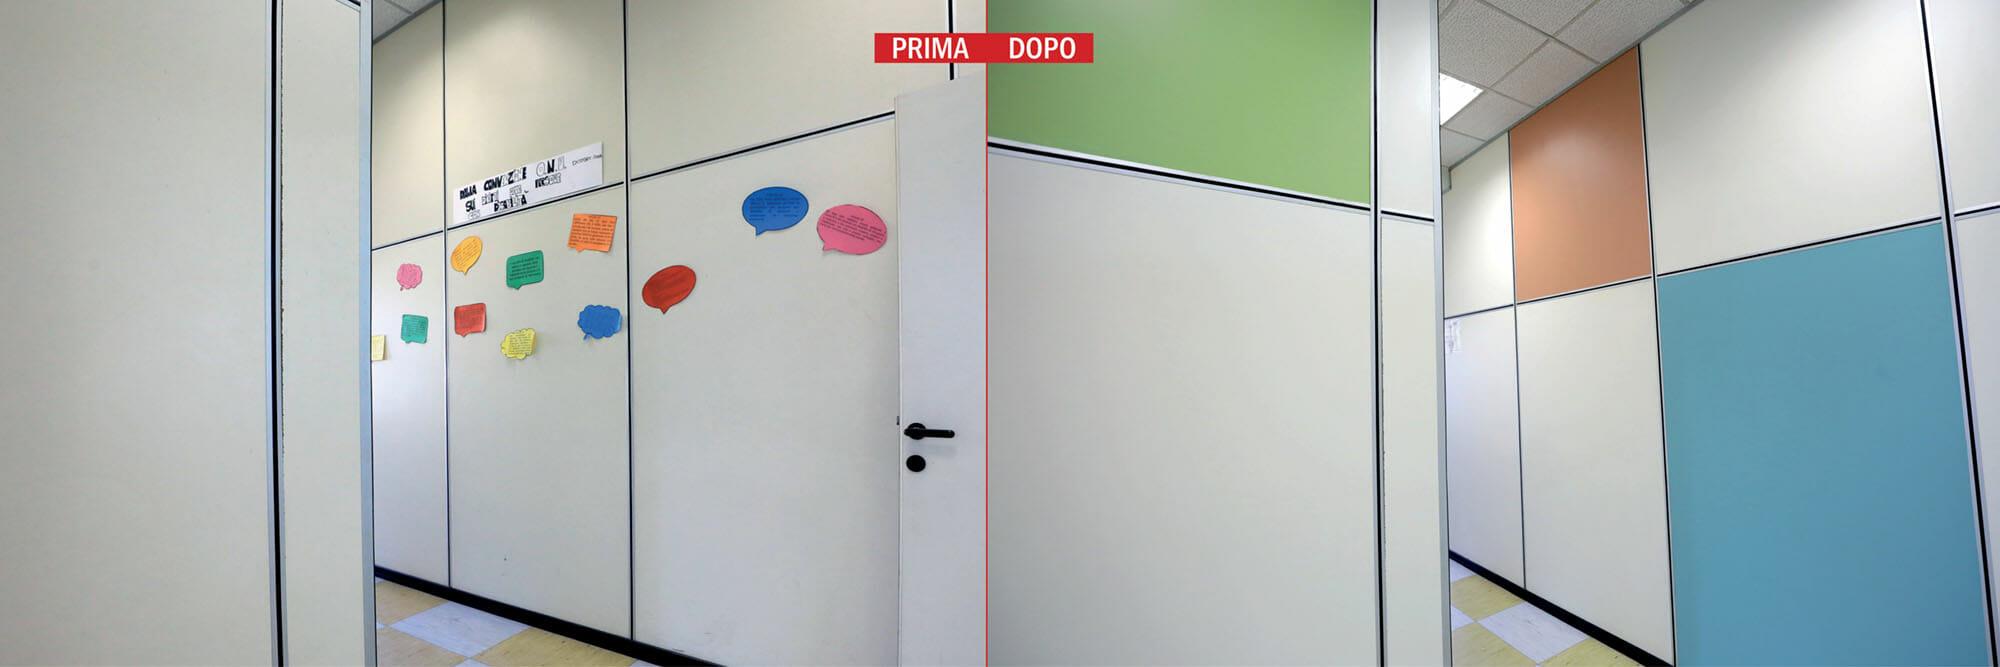 PRIMA-DOPO4